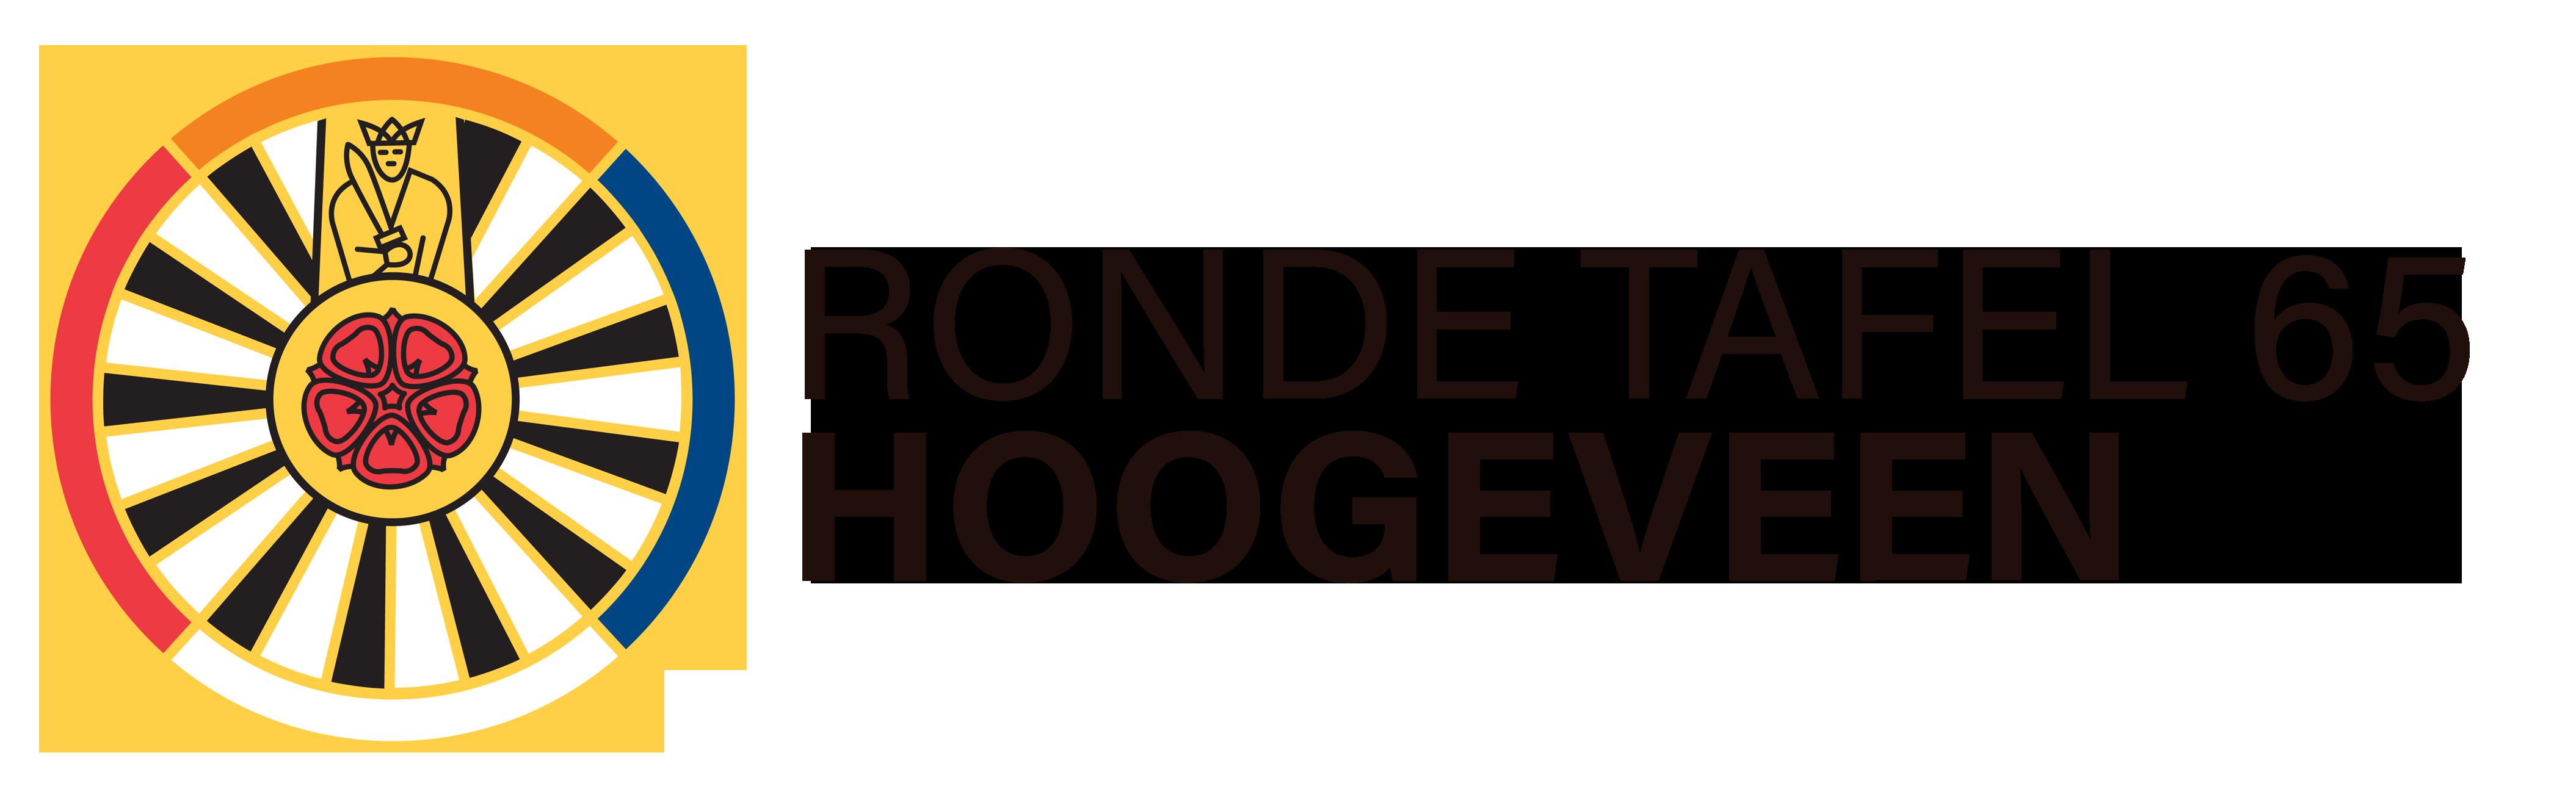 Ronde Tafel 65 Hoogeveen